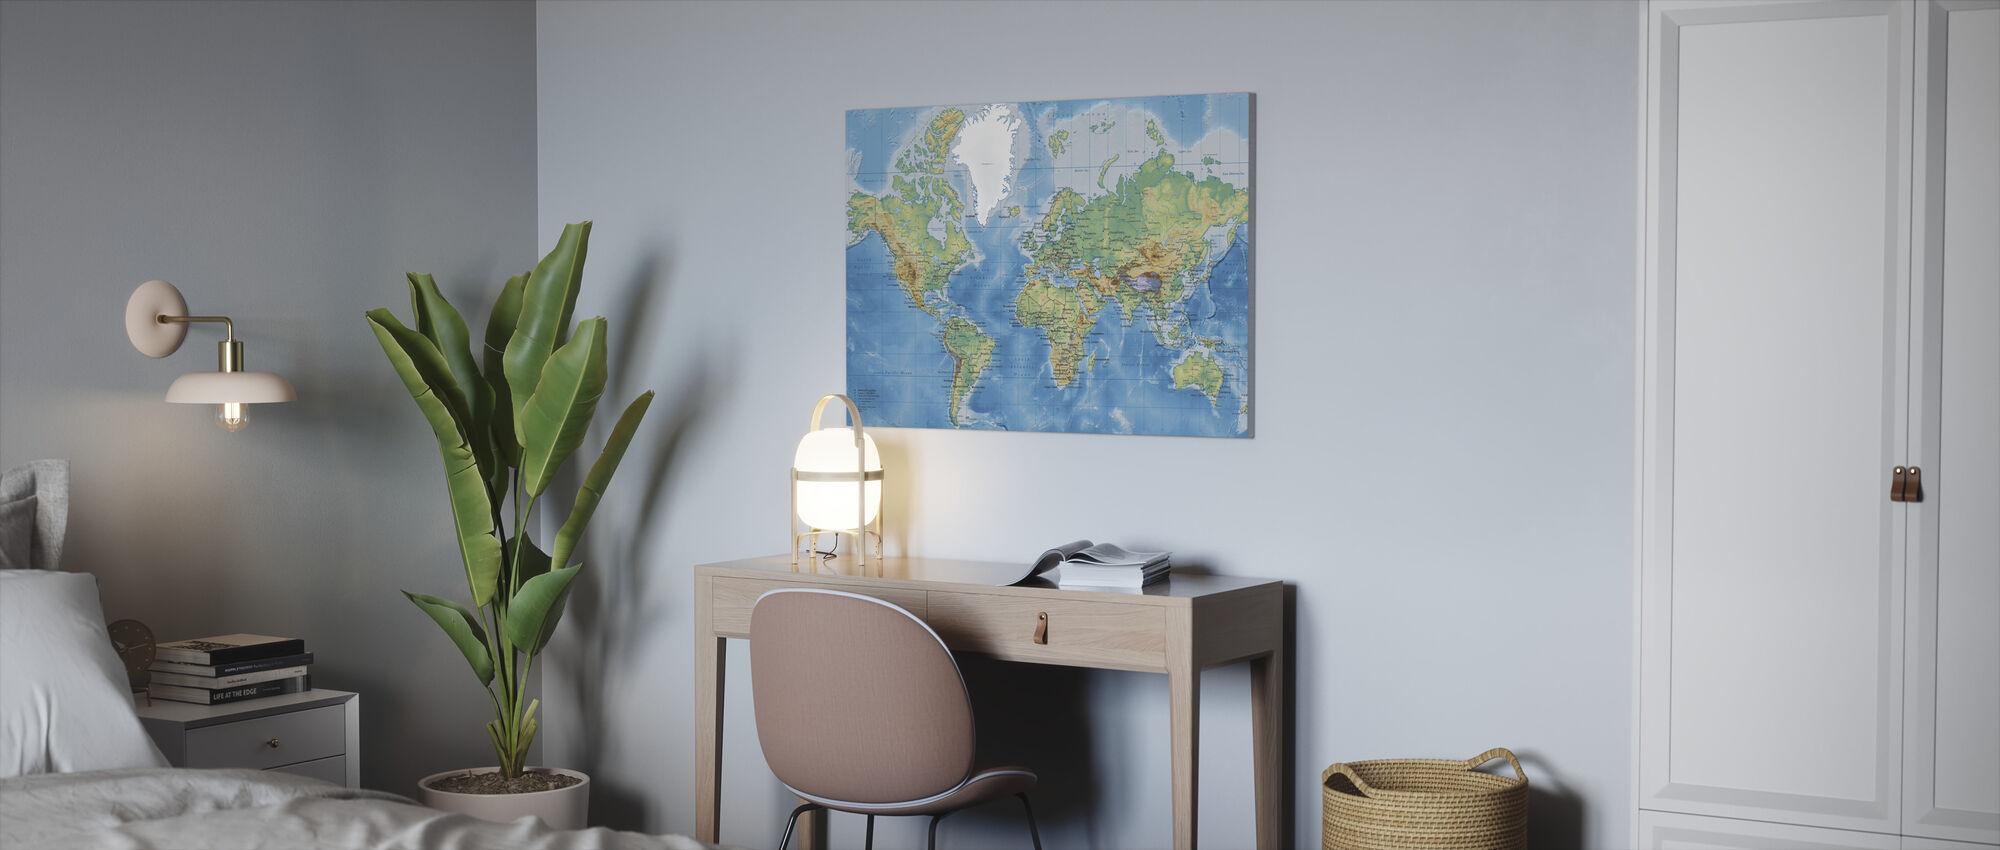 Världskarta Detaljerad - Canvastavla - Kontor